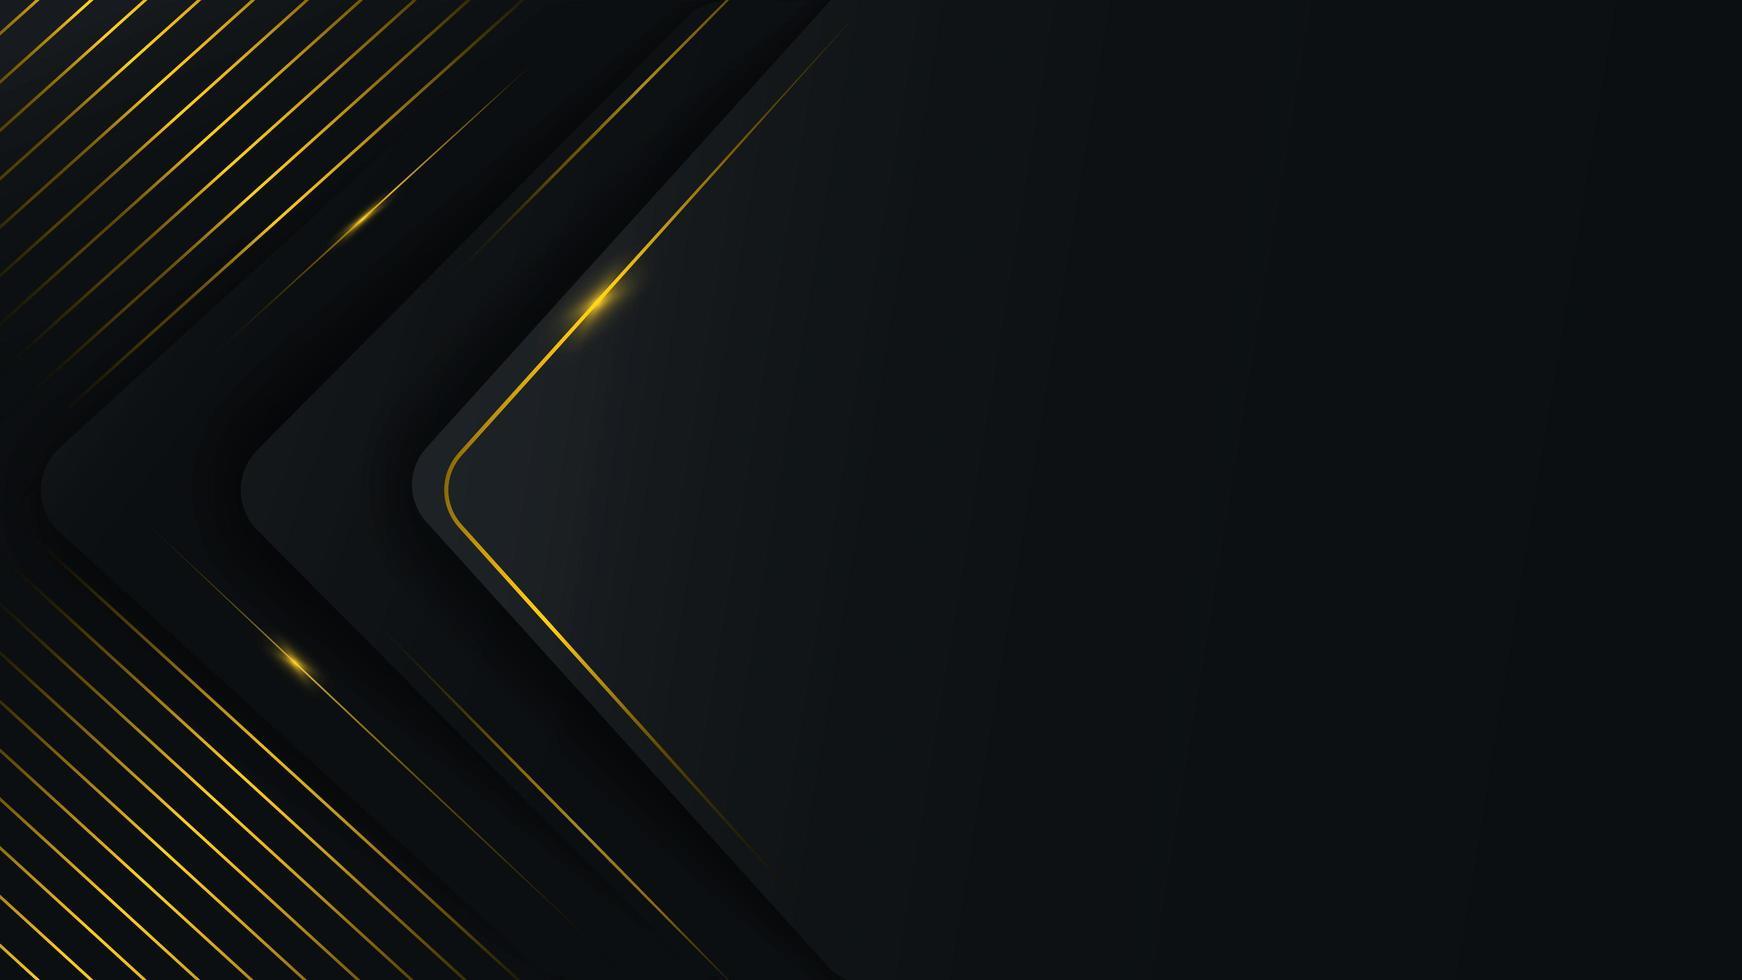 camadas abstratas de triângulo arredondado com linhas douradas vetor